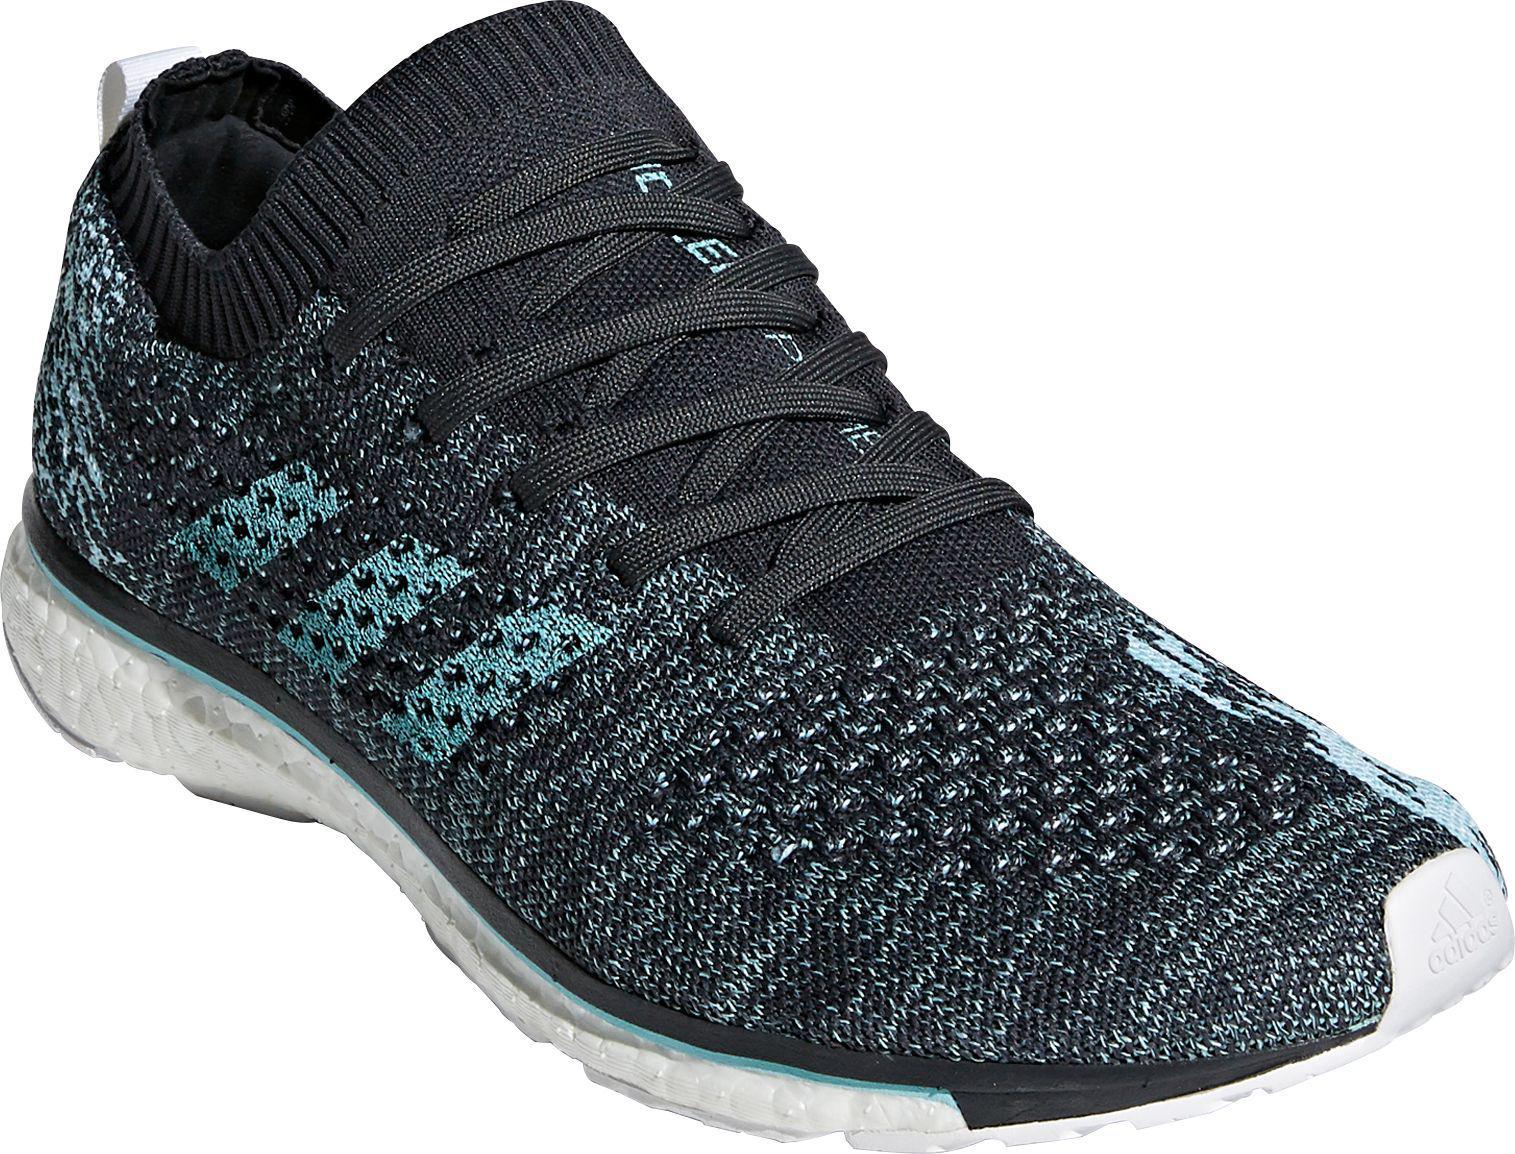 ec95eb474c56 Adidas - Multicolor Adizero Prime Parley Running Shoes for Men - Lyst